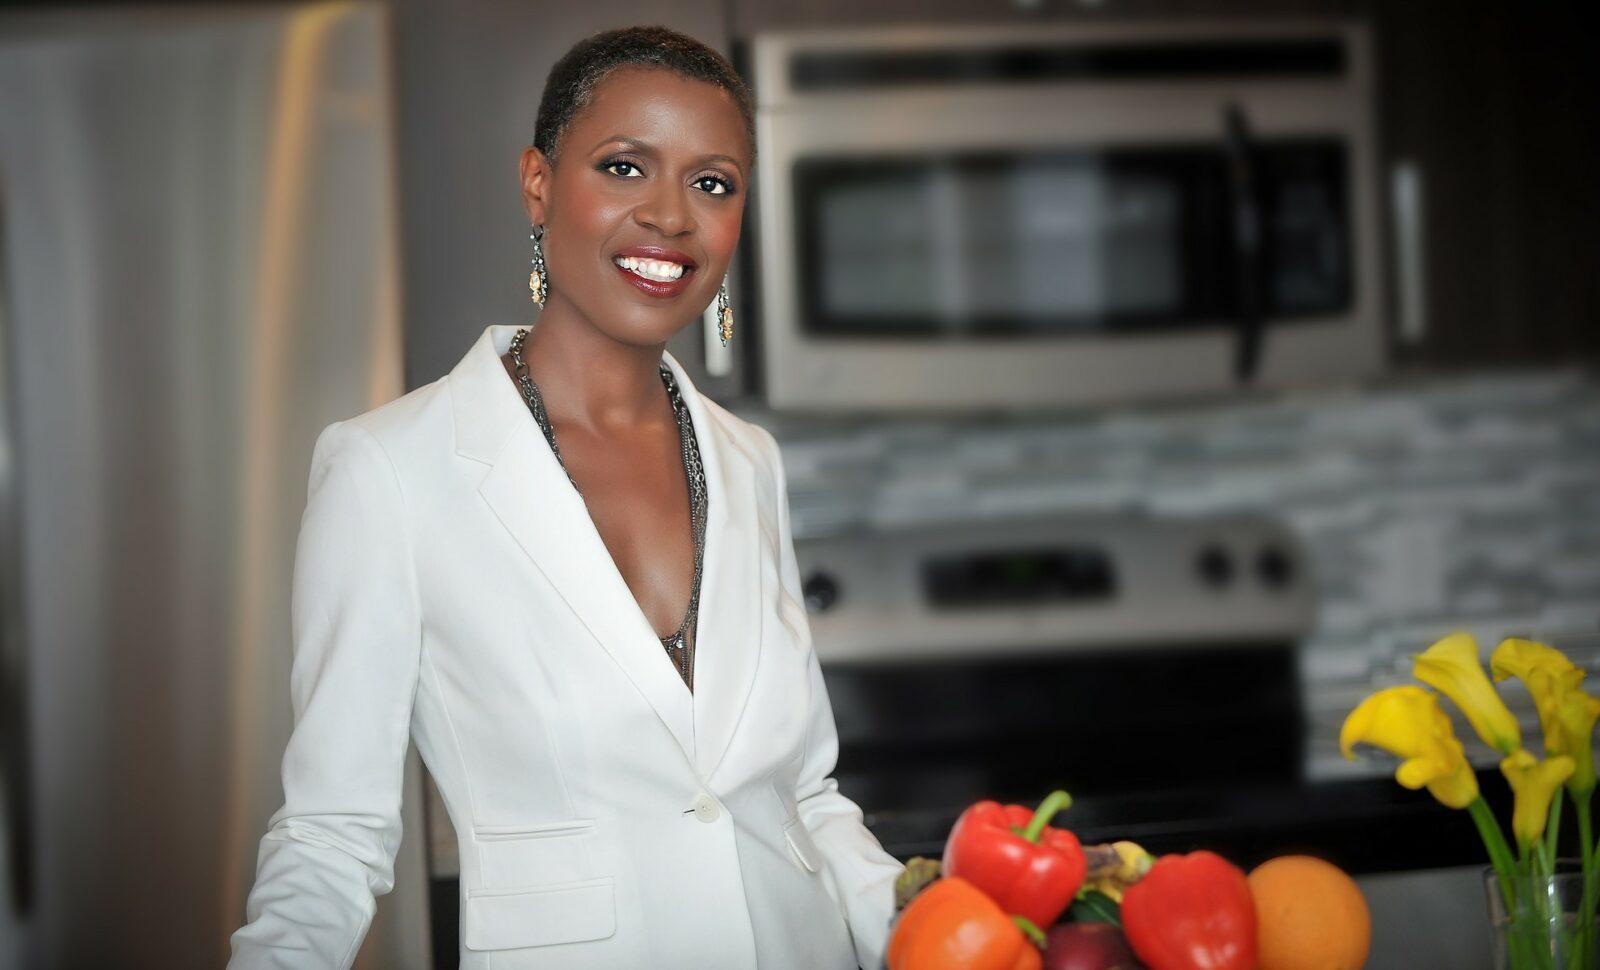 Vegan advocate Tracye McQuirter